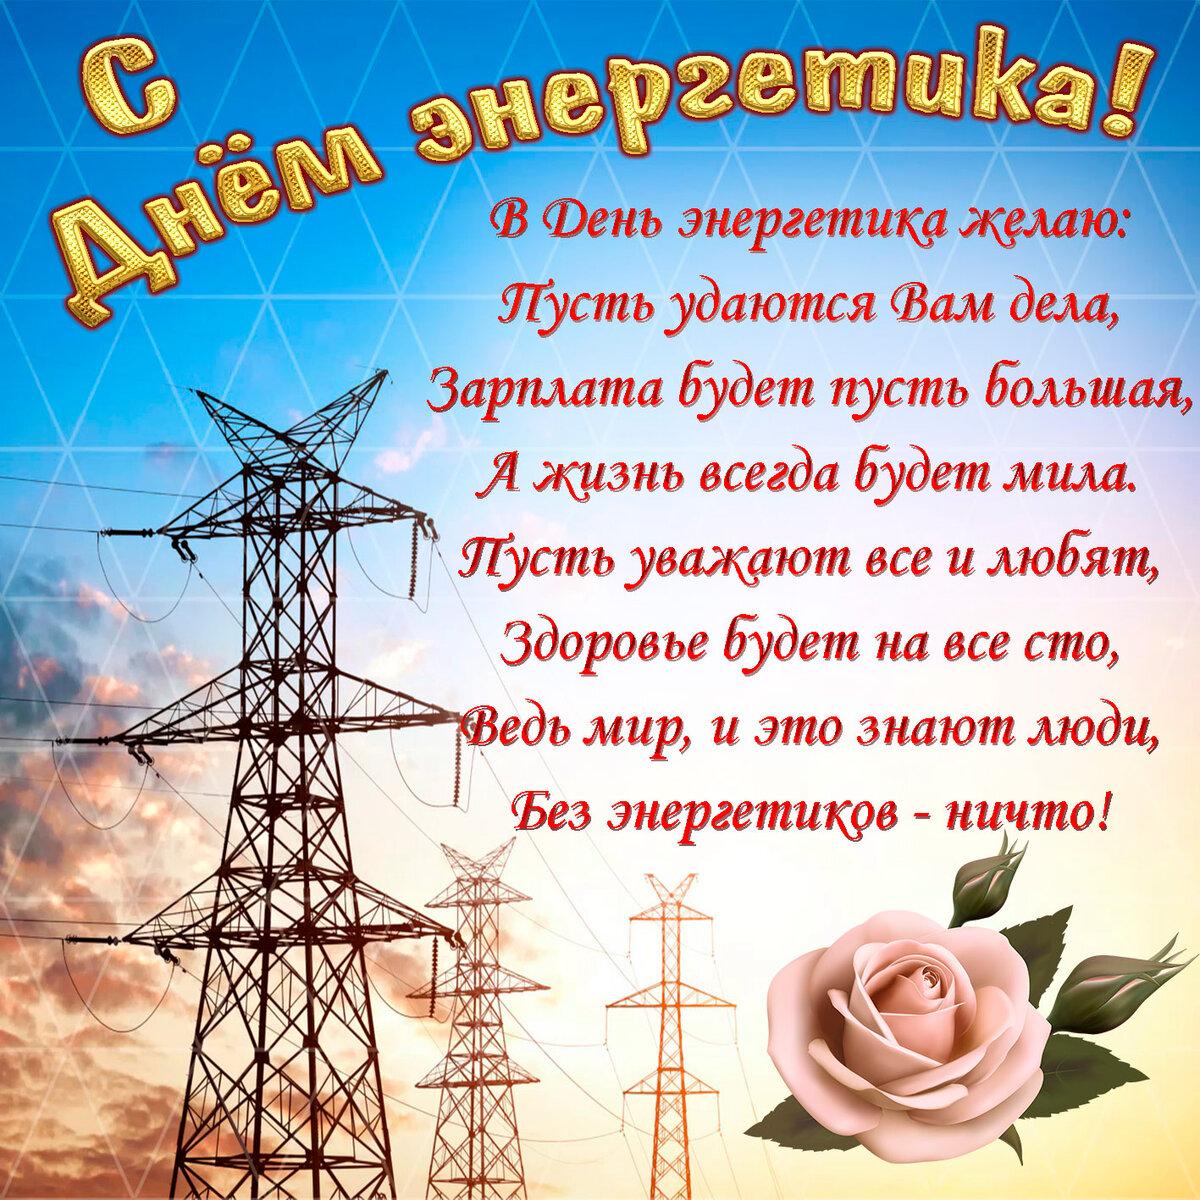 Поздравления картинки к дню энергетика, сделать красивую